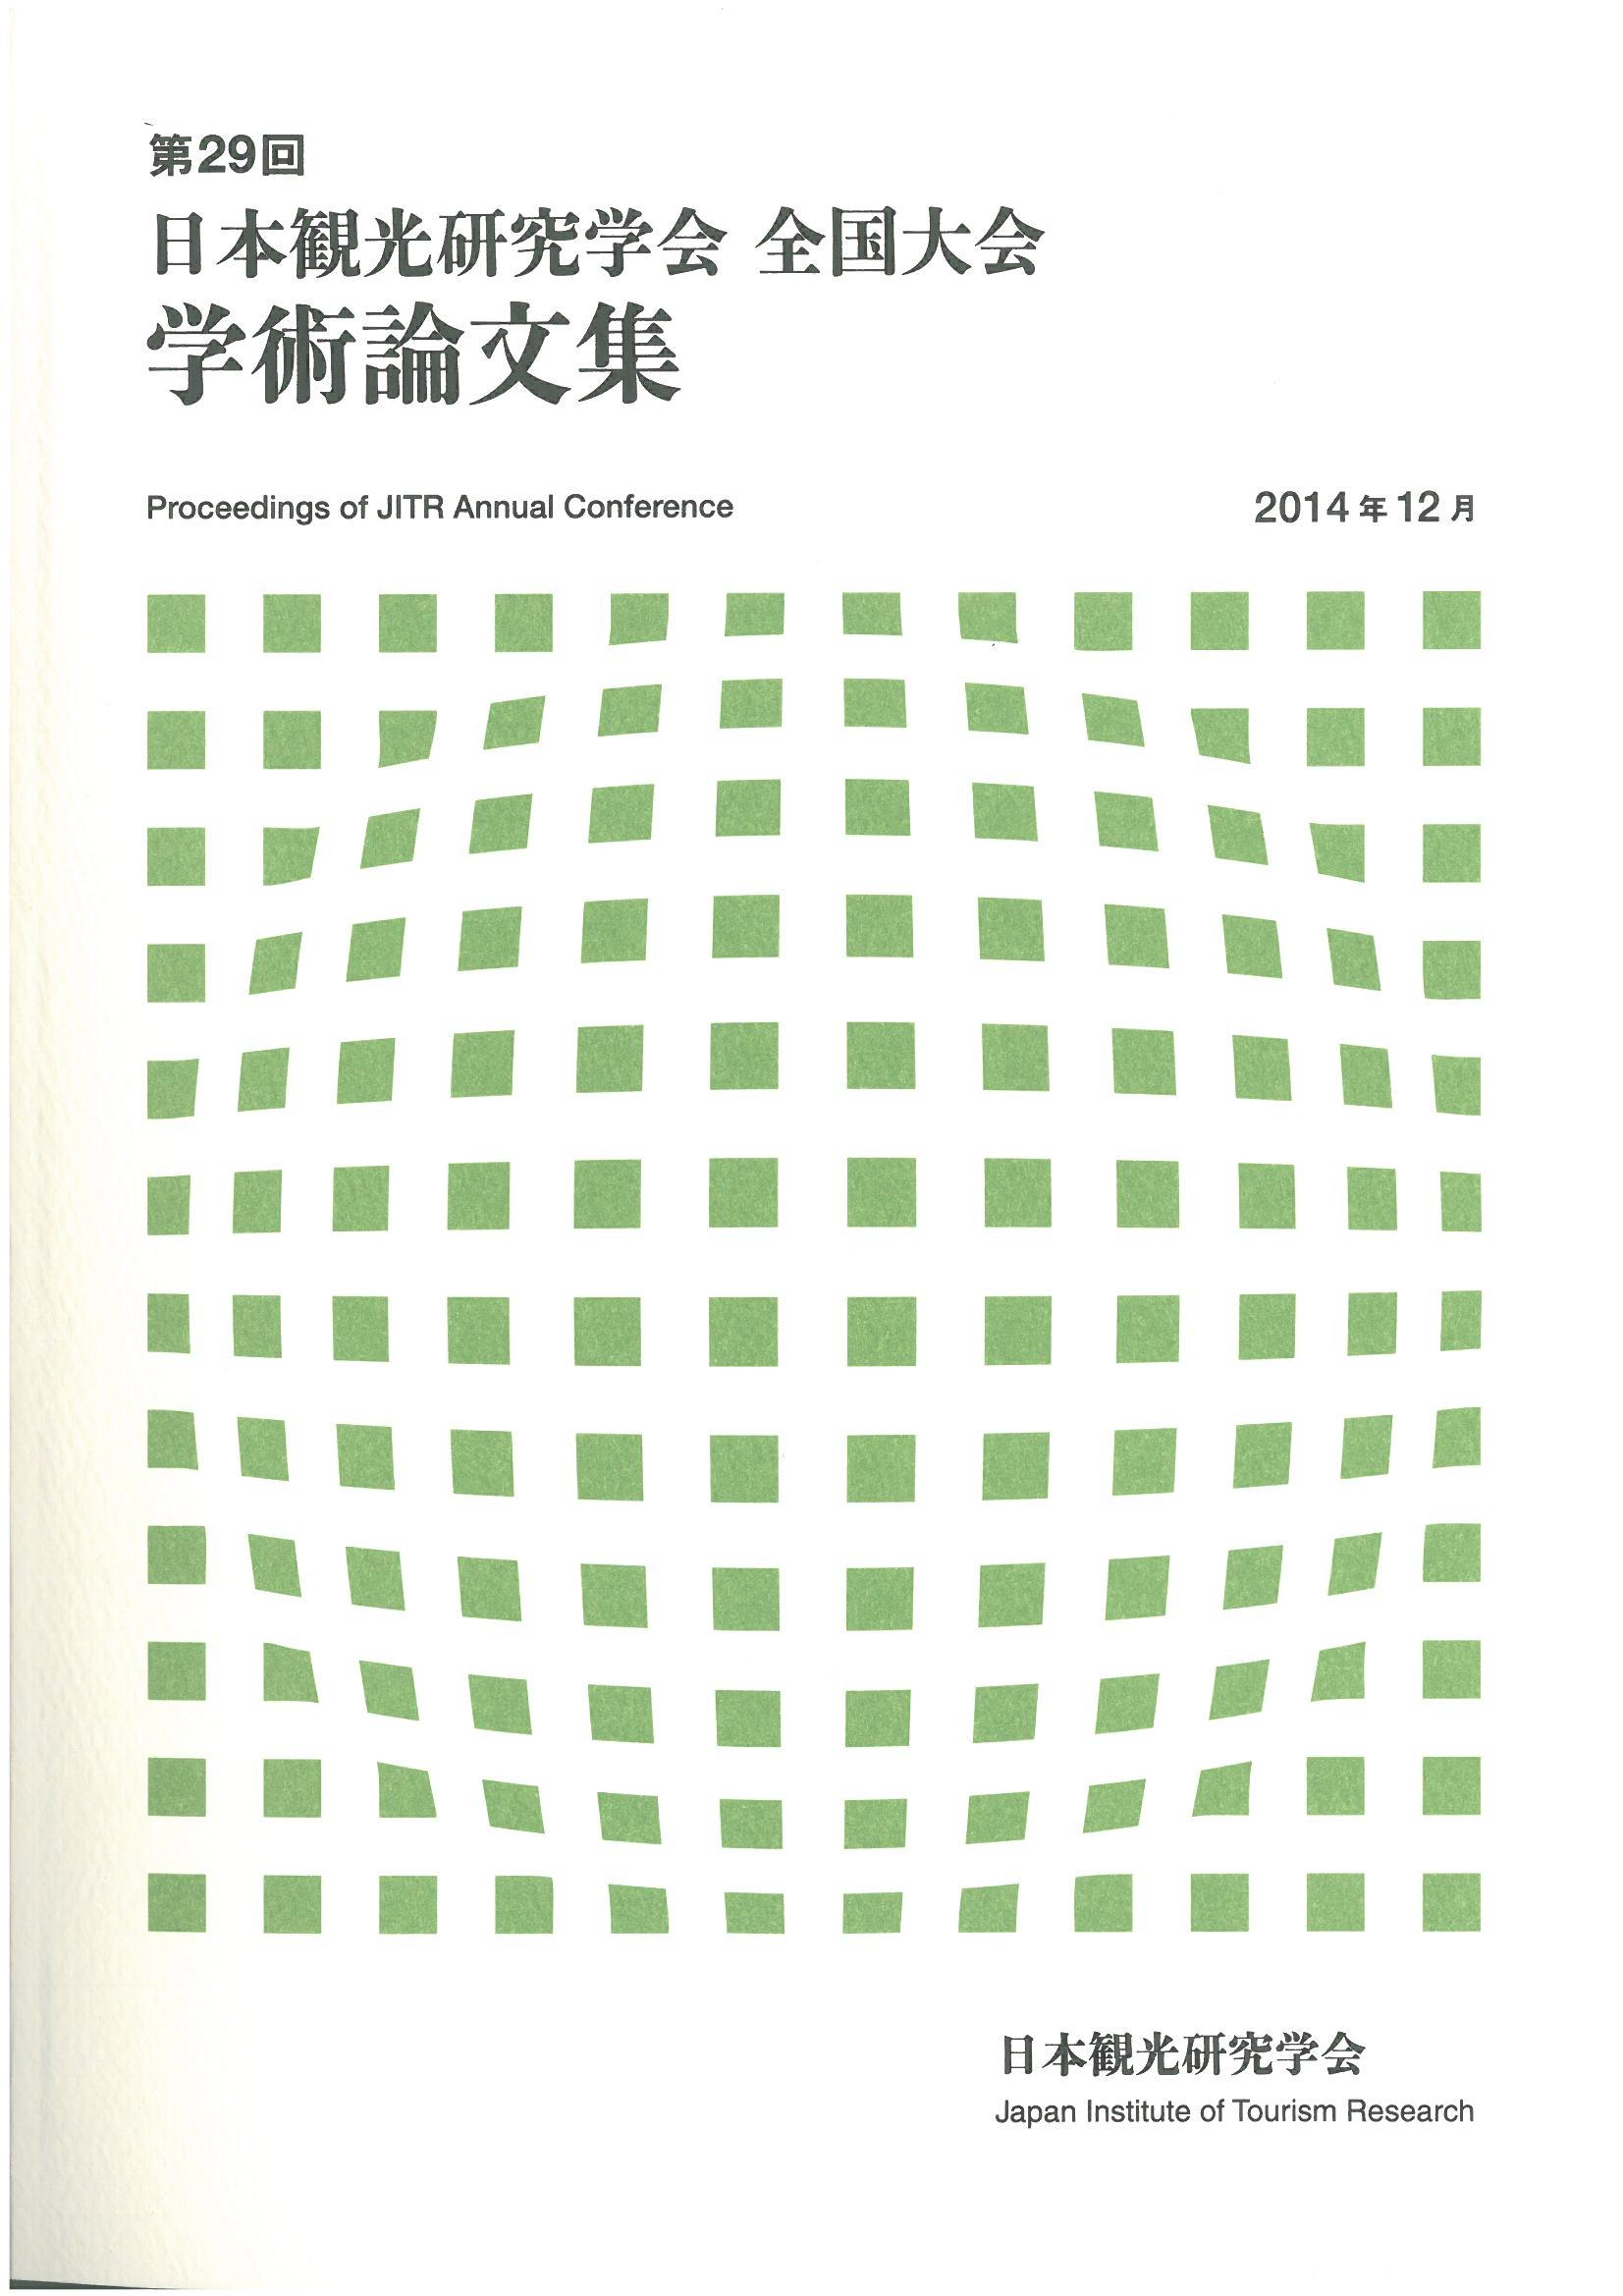 日本観光研究学会全国大会学術論文集12月7日.jpg